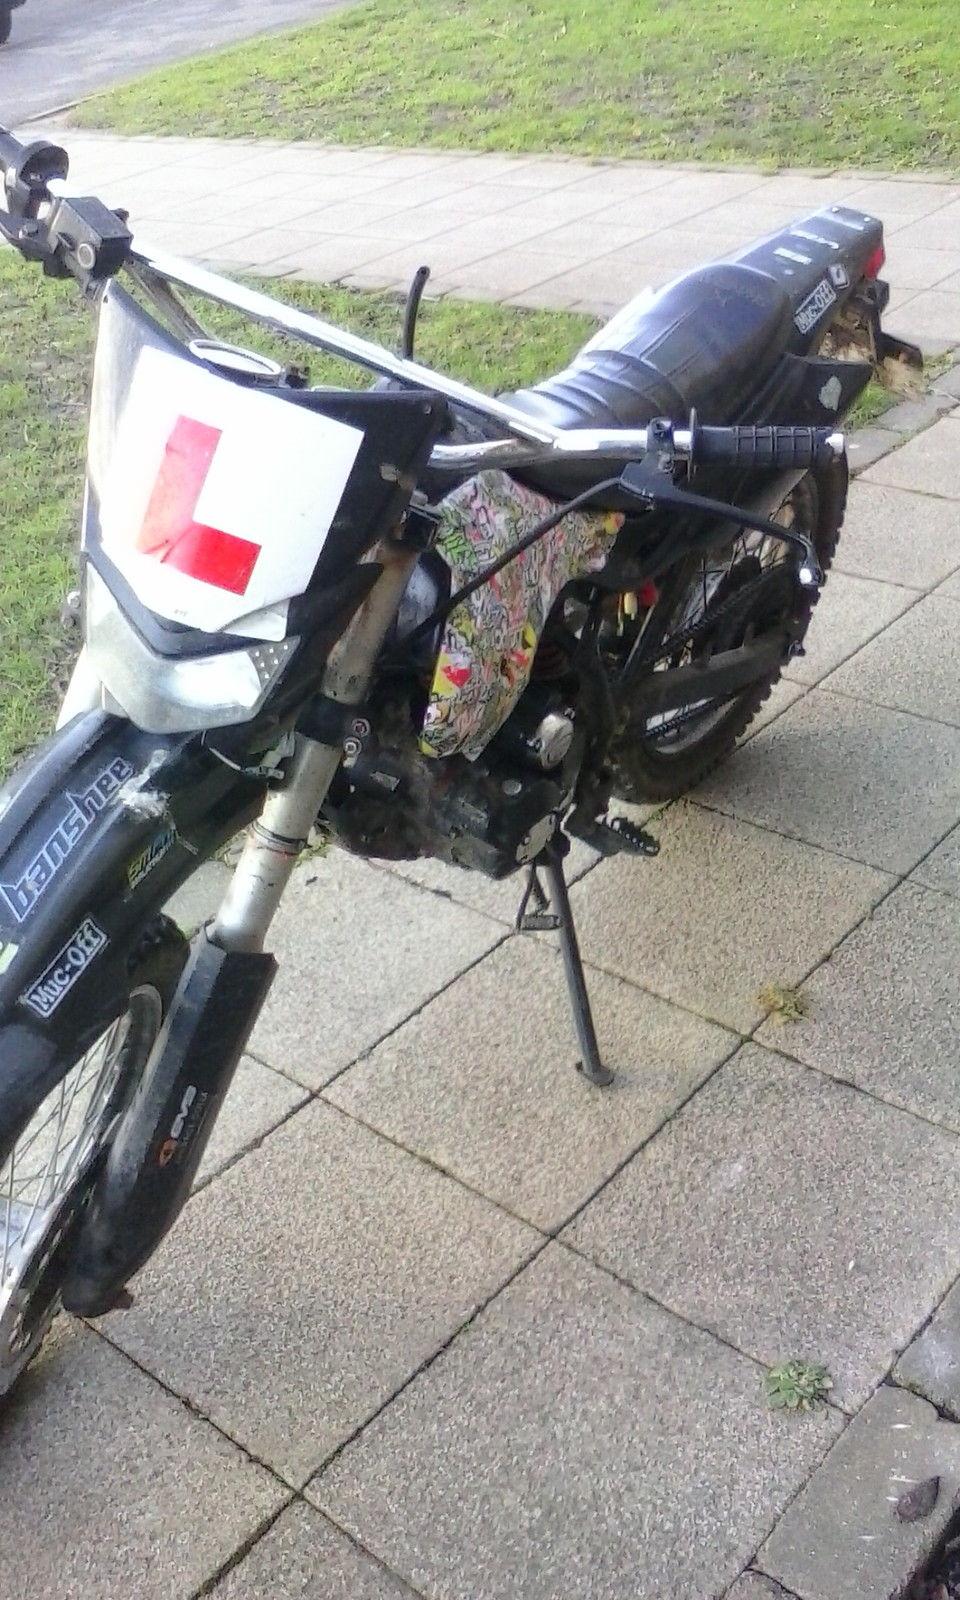 Shineray 125cc Trail Bike 2008 Spares  Repair